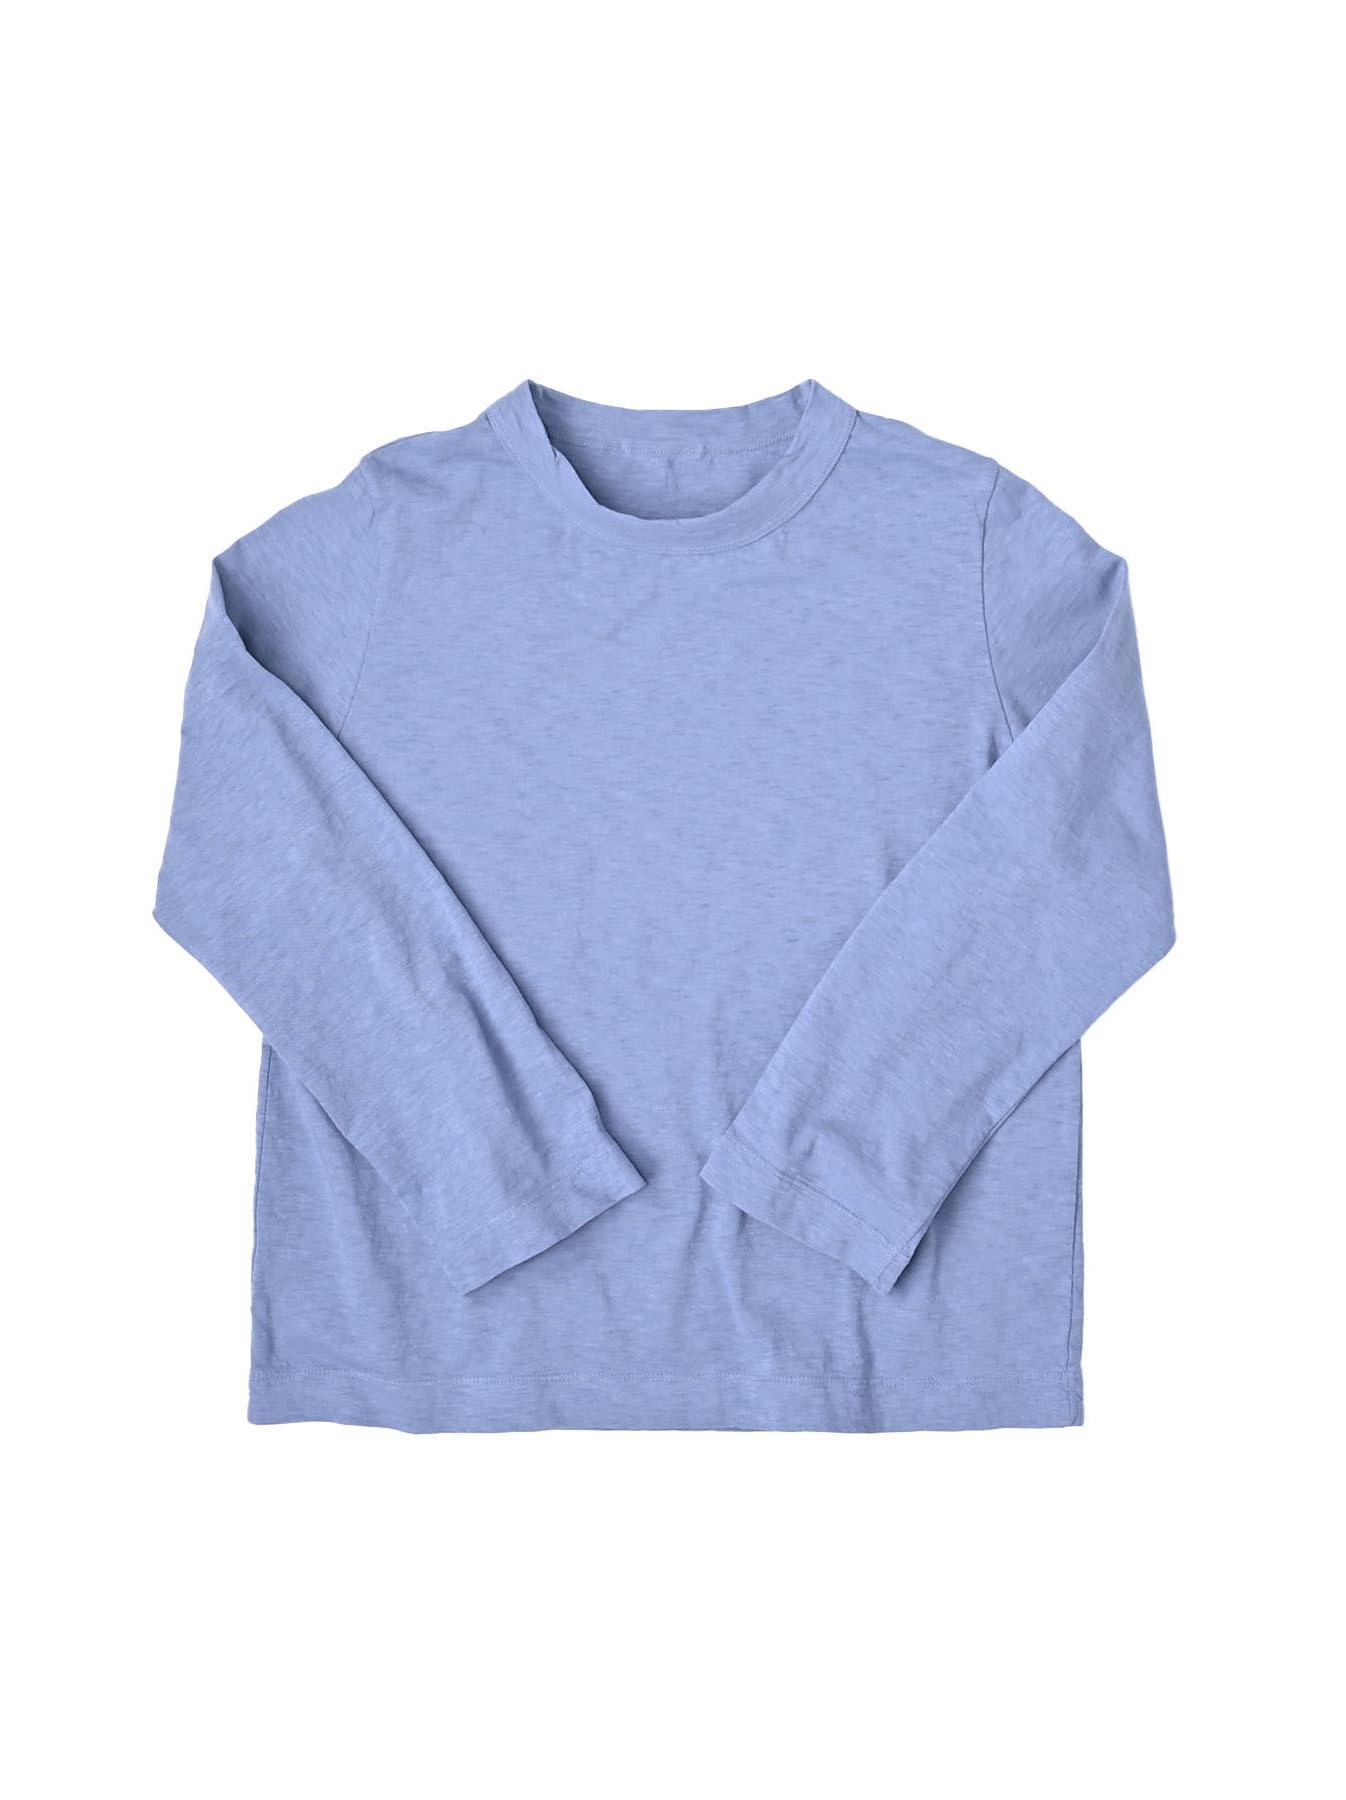 Zimbabwe Cotton Square T-shirt-1